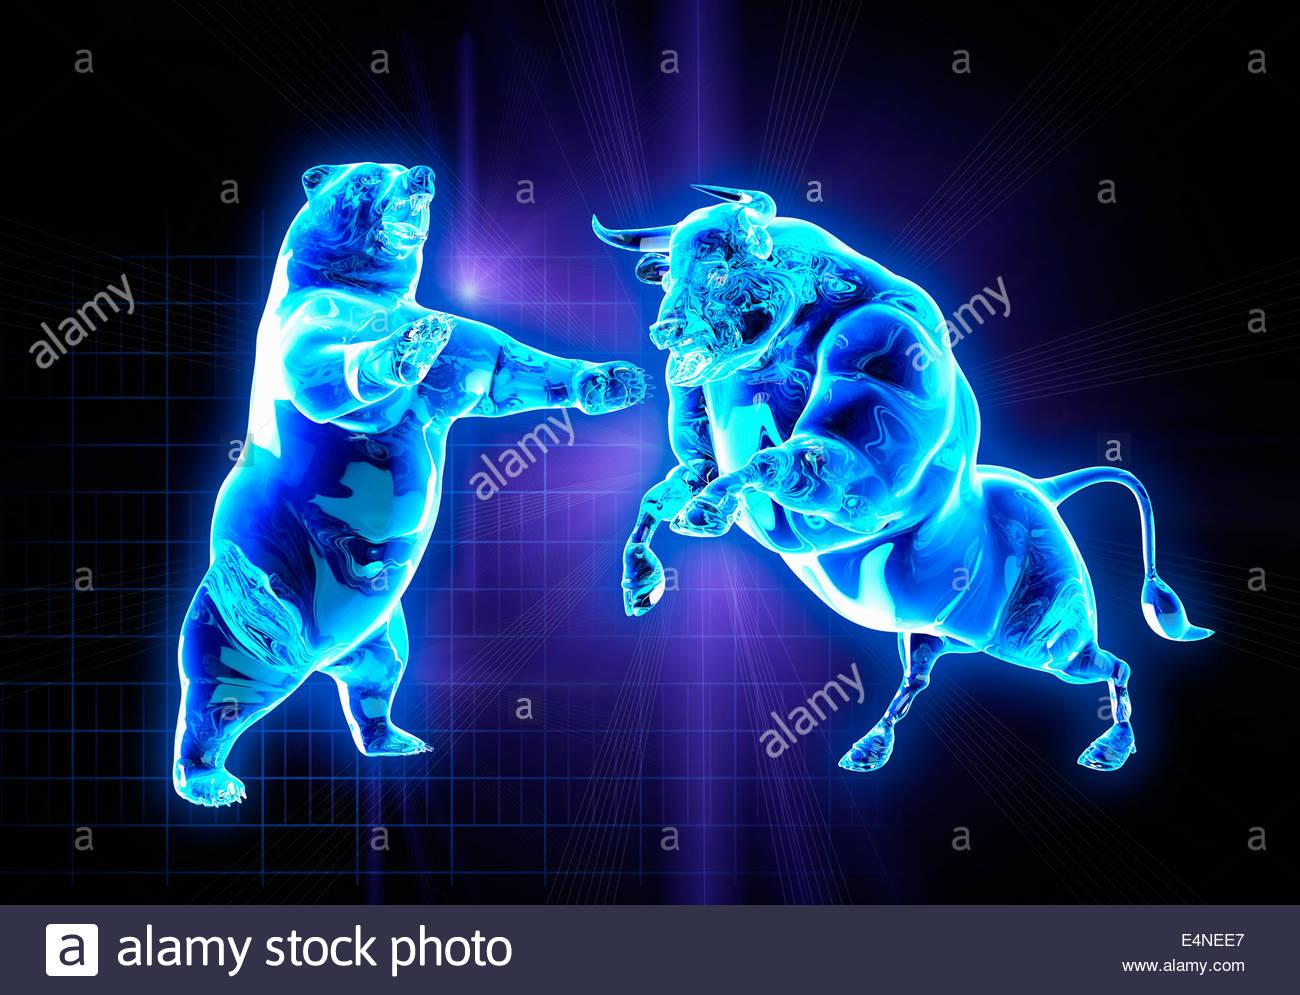 Incandescente lotta al toro e sostenere il mercato azionario simboli Immagini Stock